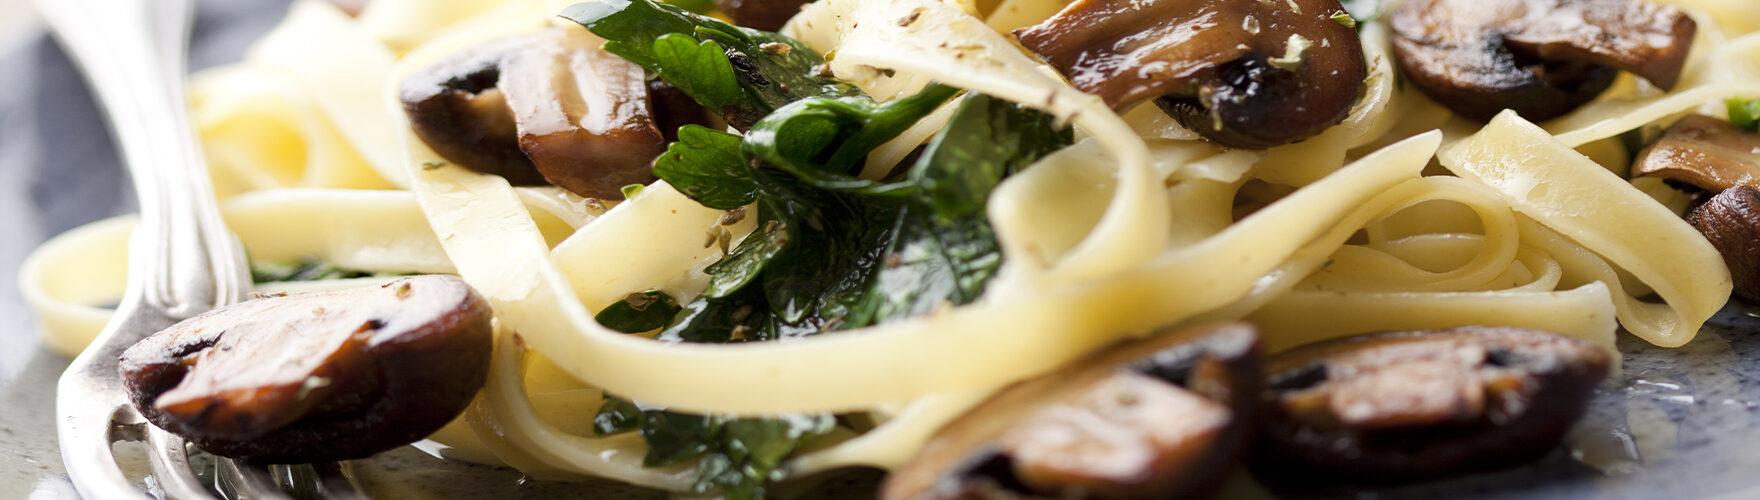 Pappardelle mit Trüffel und Pilzen